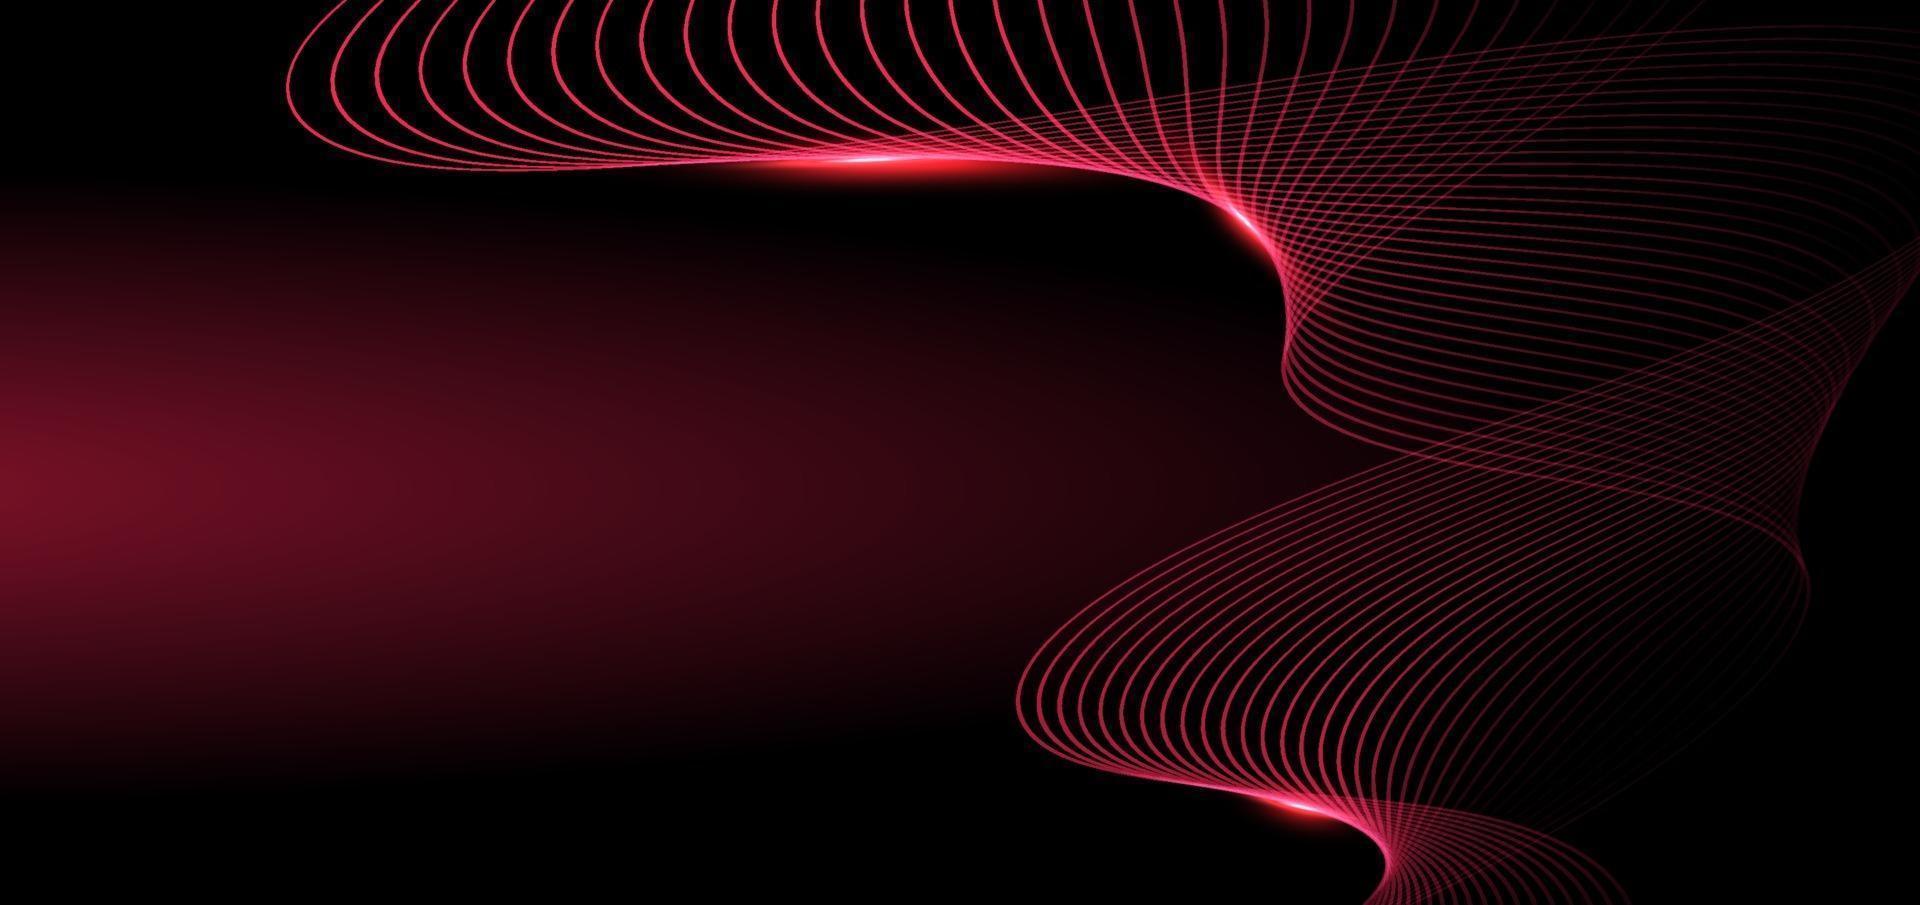 líneas rojas abstractas de la onda que brilla intensamente en fondo oscuro. concepto de tecnología. vector